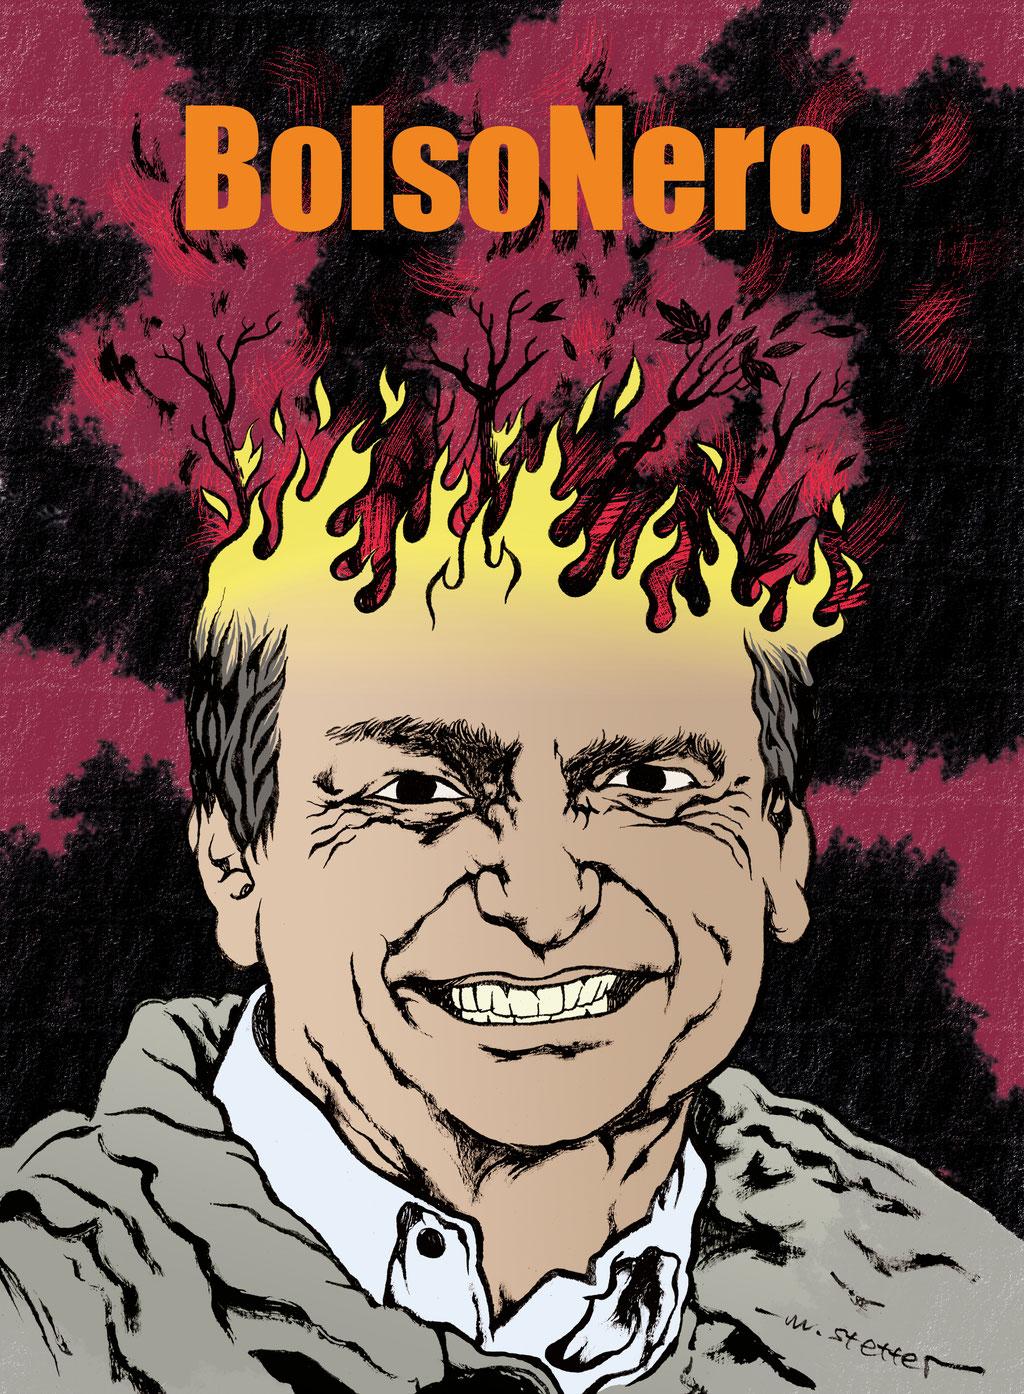 BOLSONERO © 2020 Moritz Stetter